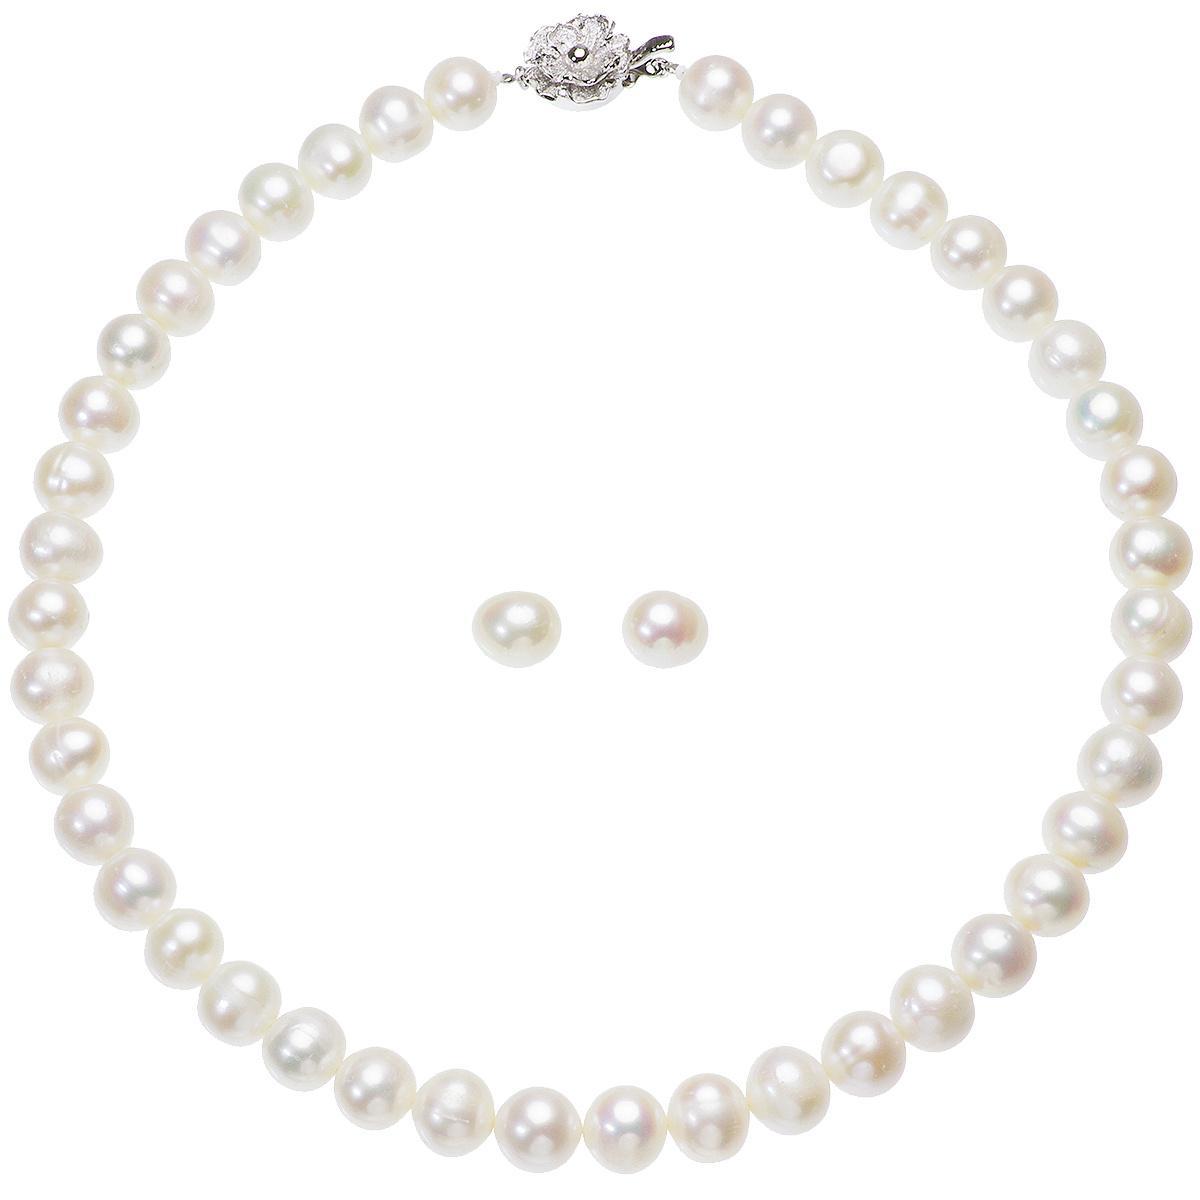 高級 淡水真珠 大粒 パールネックレス 結婚式 約9.0mm-10.5mm ホワイトイヤリングセットの写真